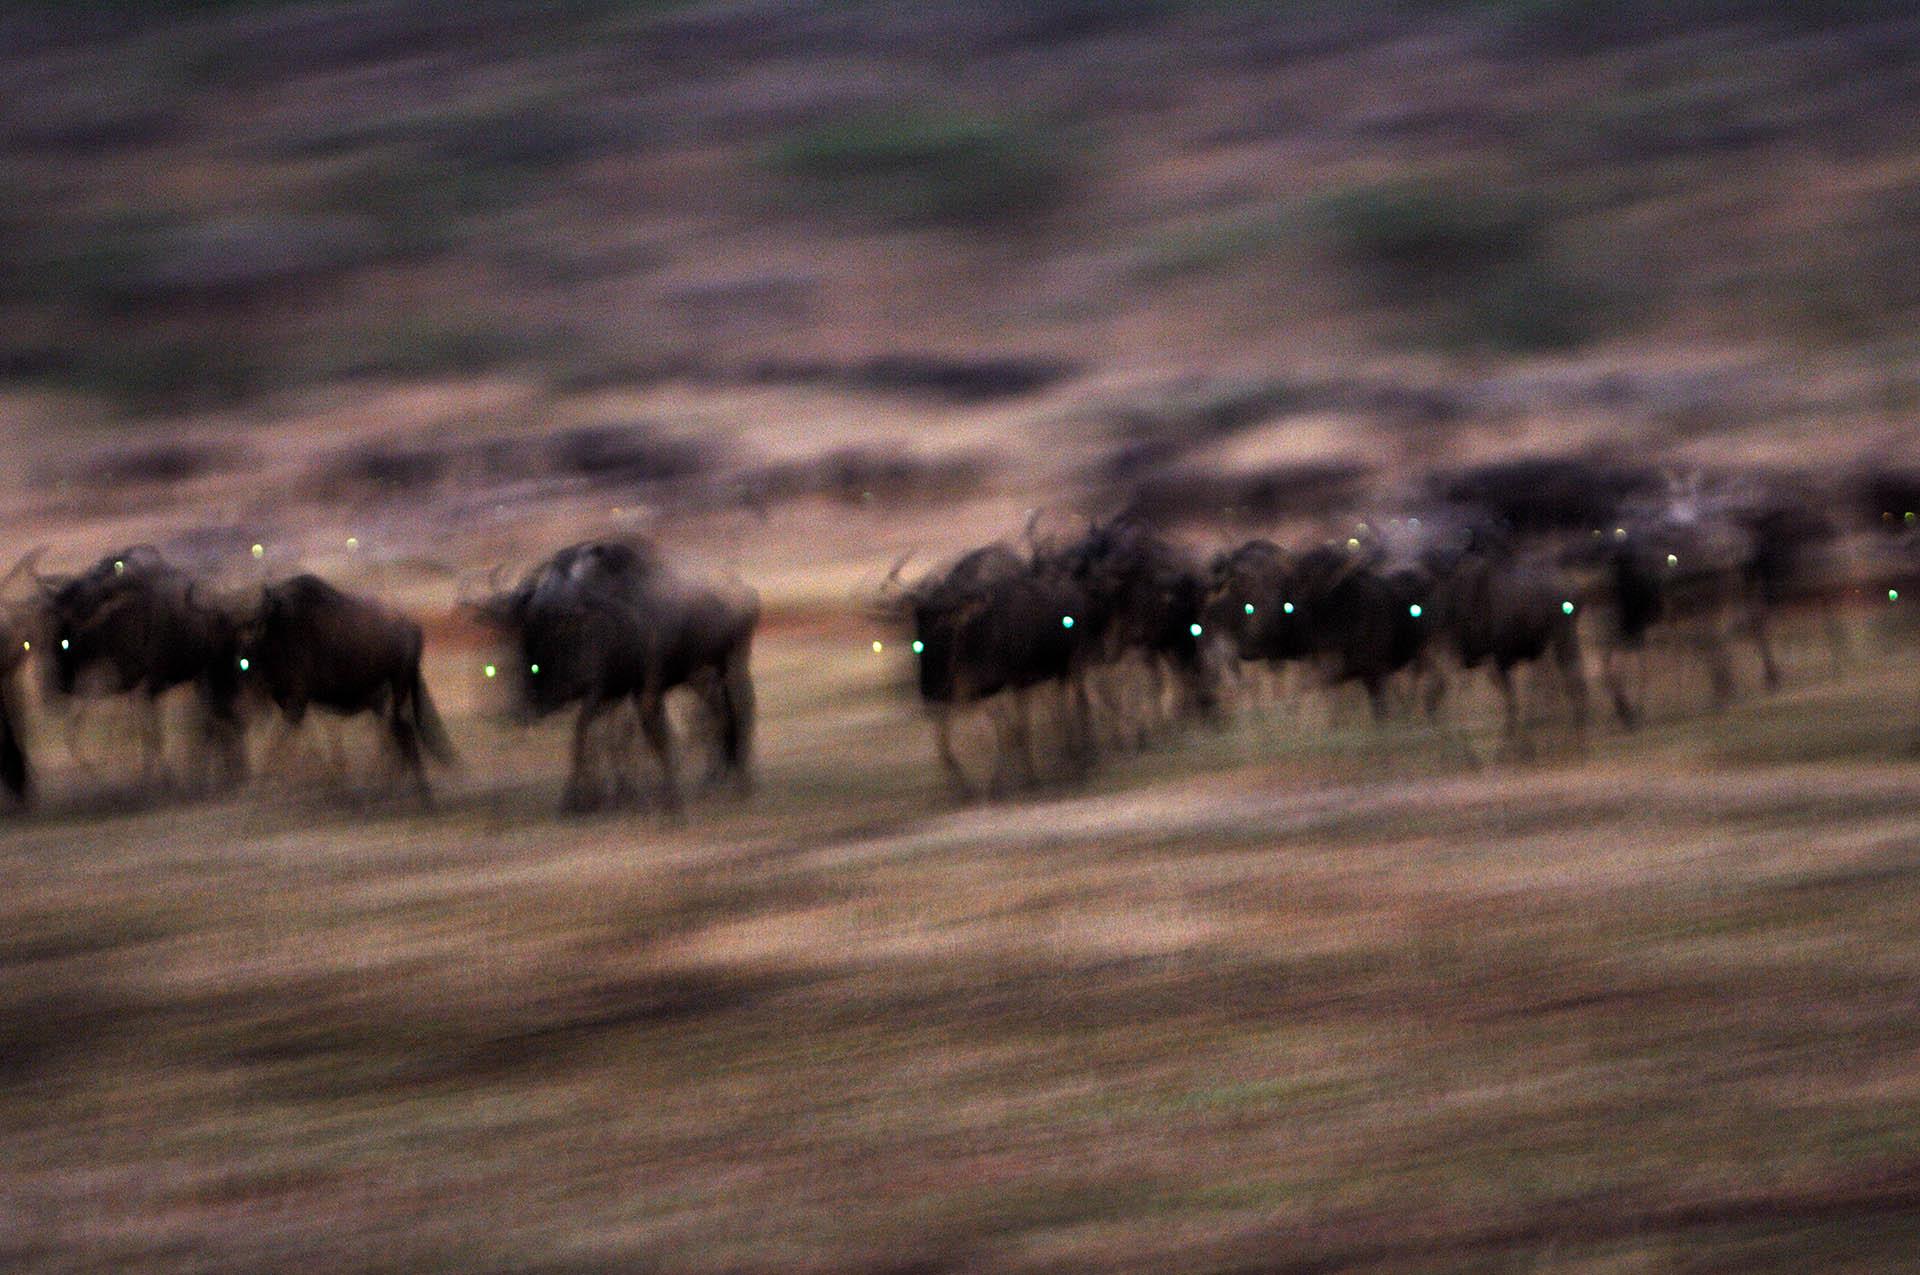 De grote trek van de gnoe trekt veel toeristen naar de Serengeti.